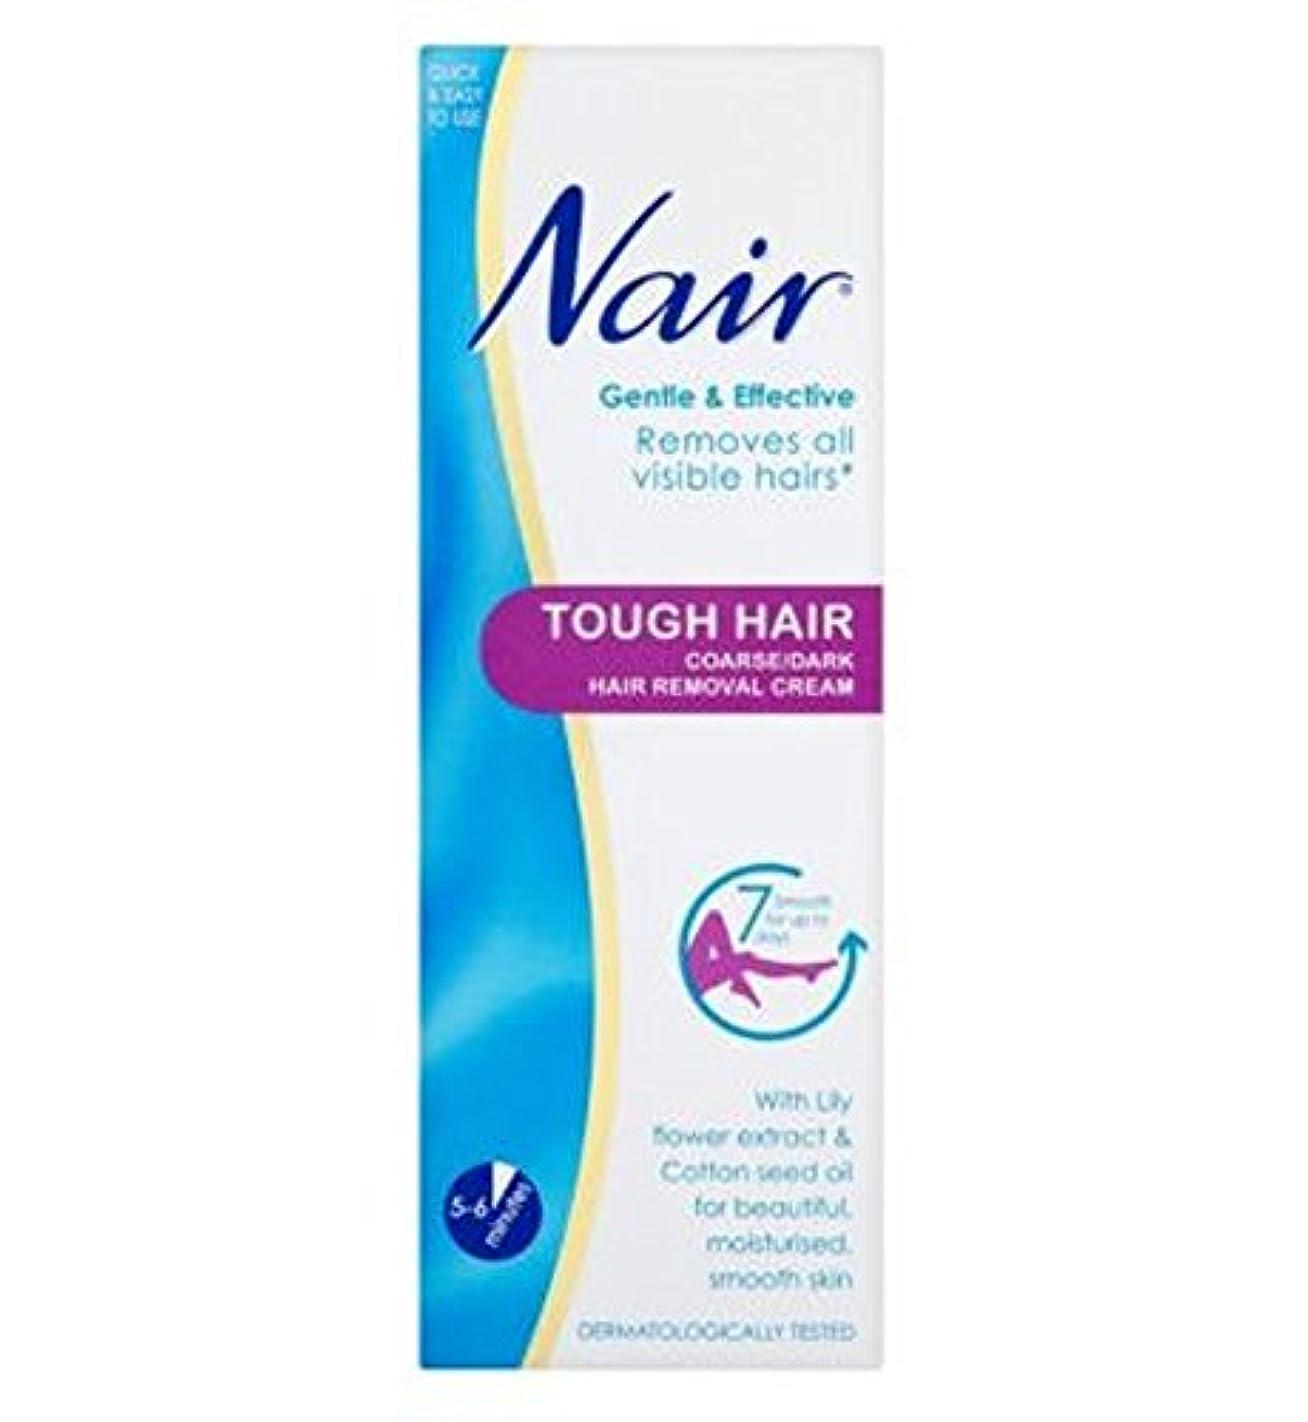 カートリッジハイランド交流するNair Tough Hair Hair Removal Cream 200ml - ナイールタフな毛脱毛クリーム200ミリリットル (Nair) [並行輸入品]